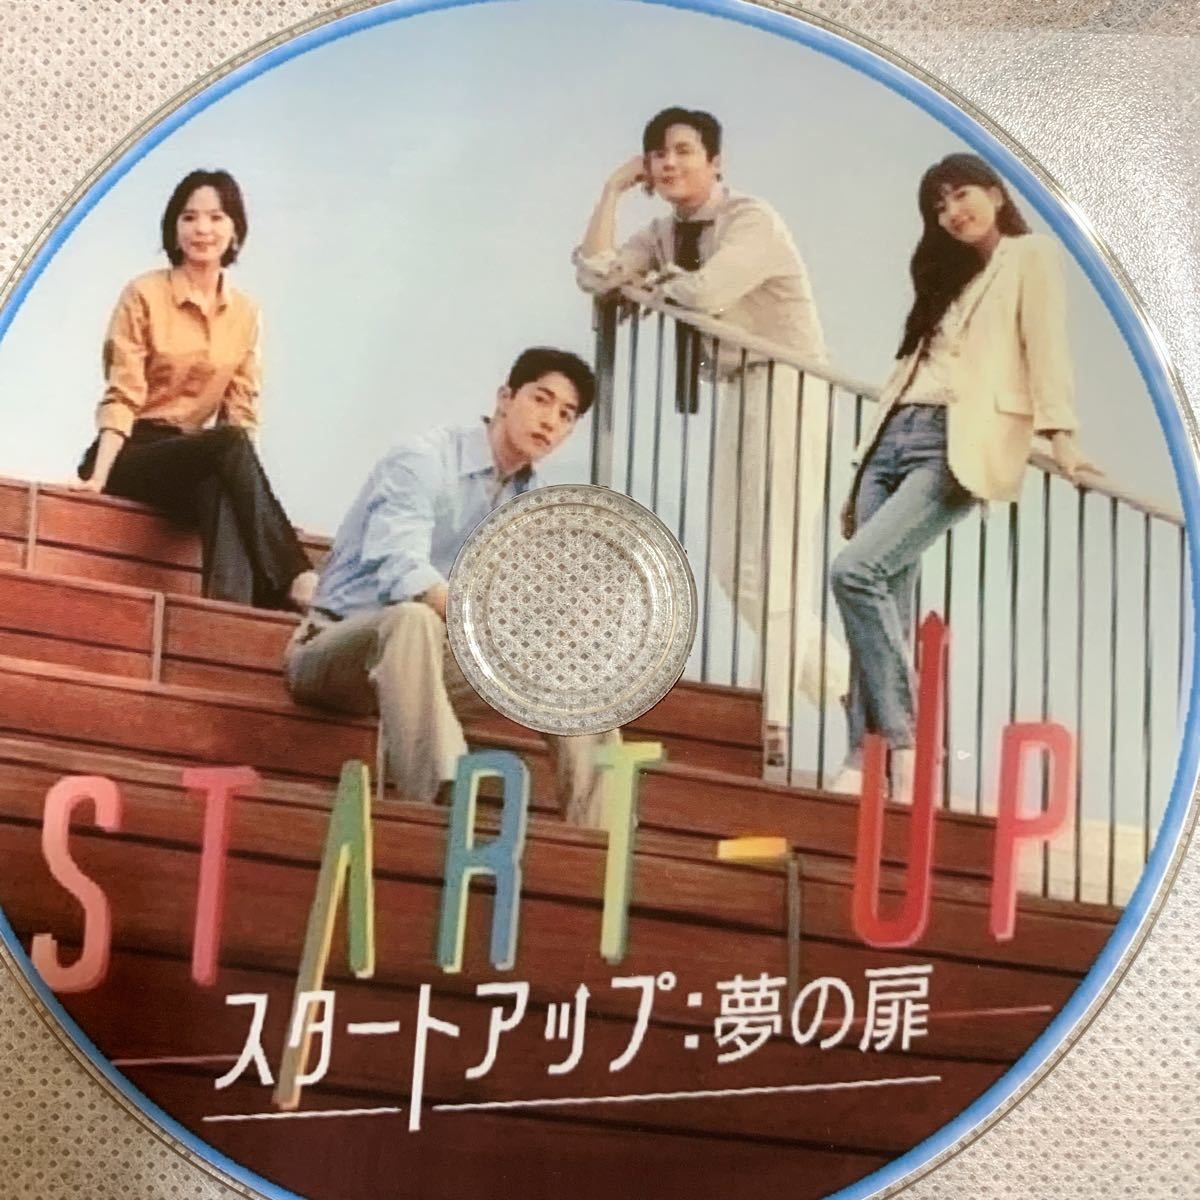 韓国ドラマ スタートアップ Blu-ray ブルーレイ